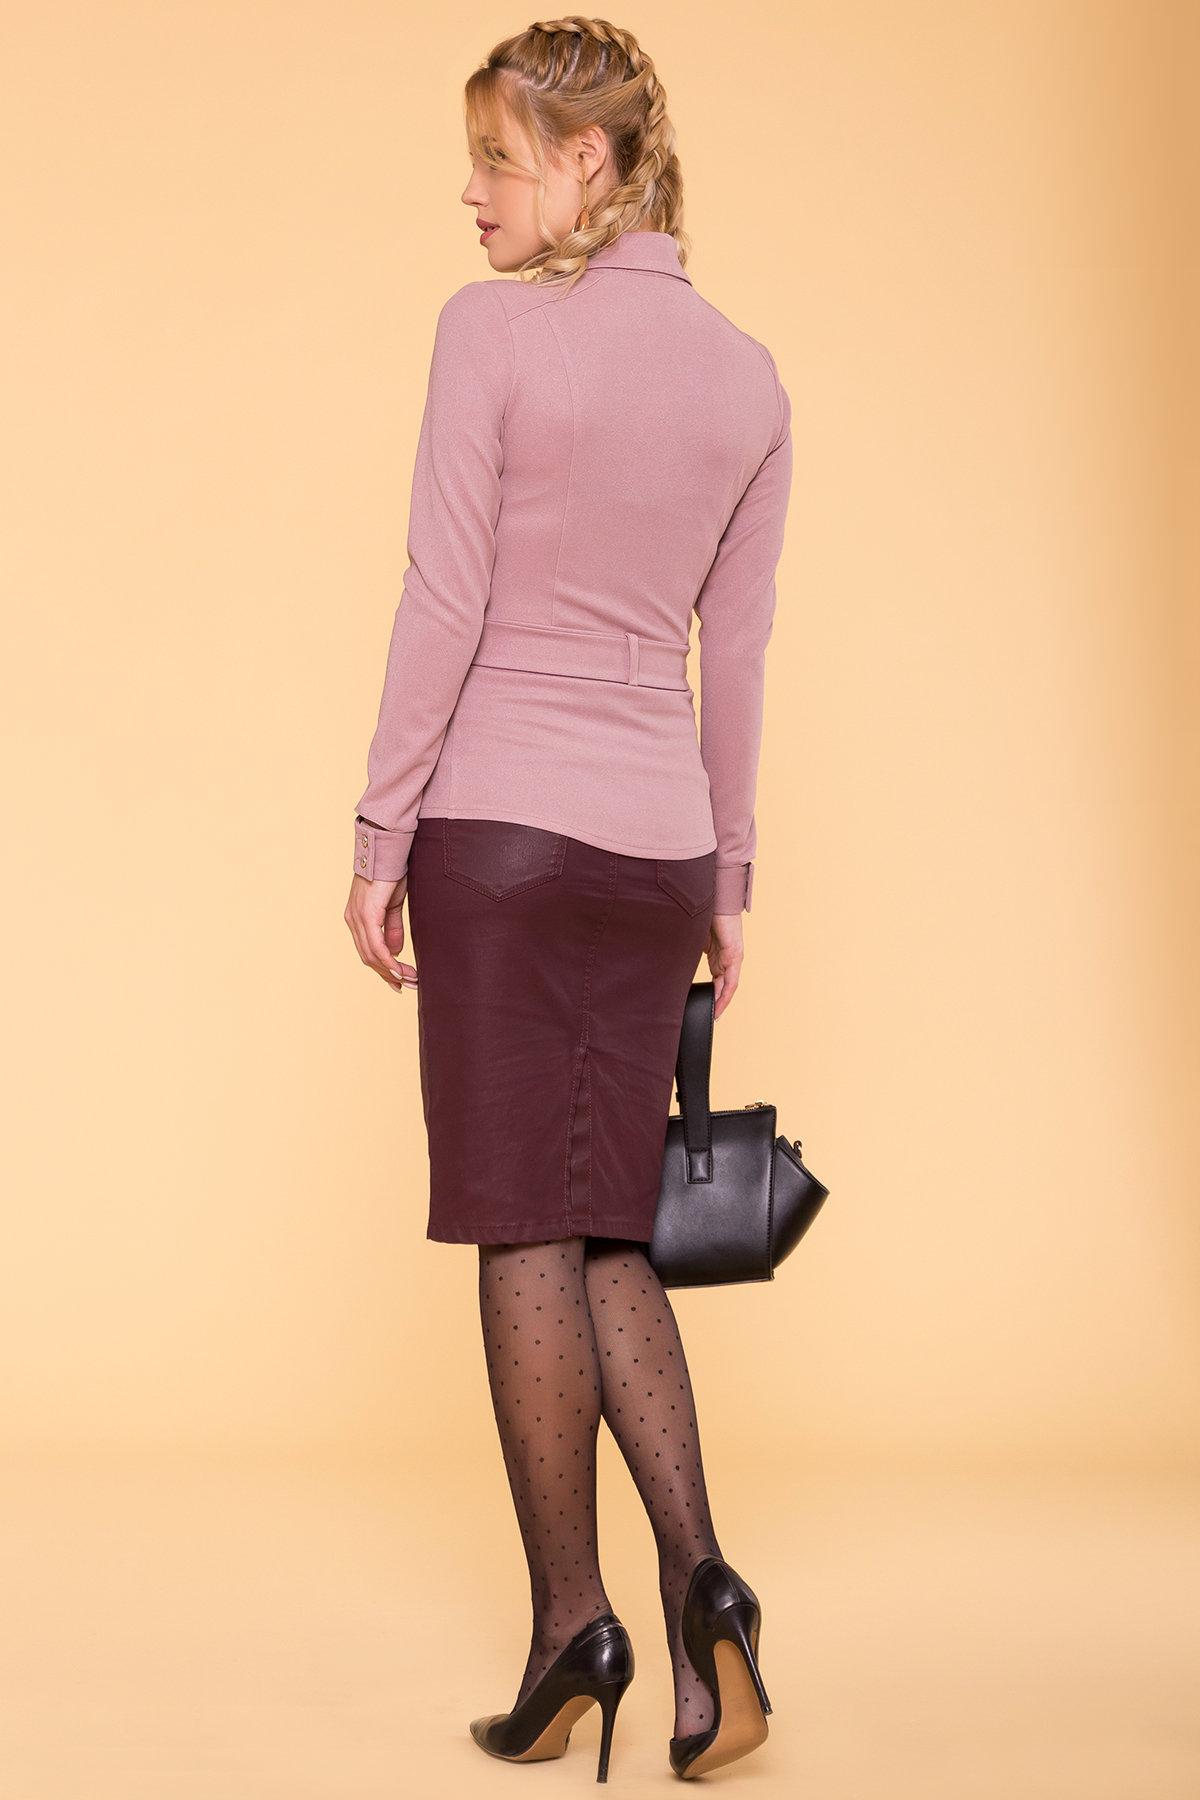 Повседневная рубашка из трикотажа Соня 6116 АРТ. 40842 Цвет: Чайная роза - фото 2, интернет магазин tm-modus.ru